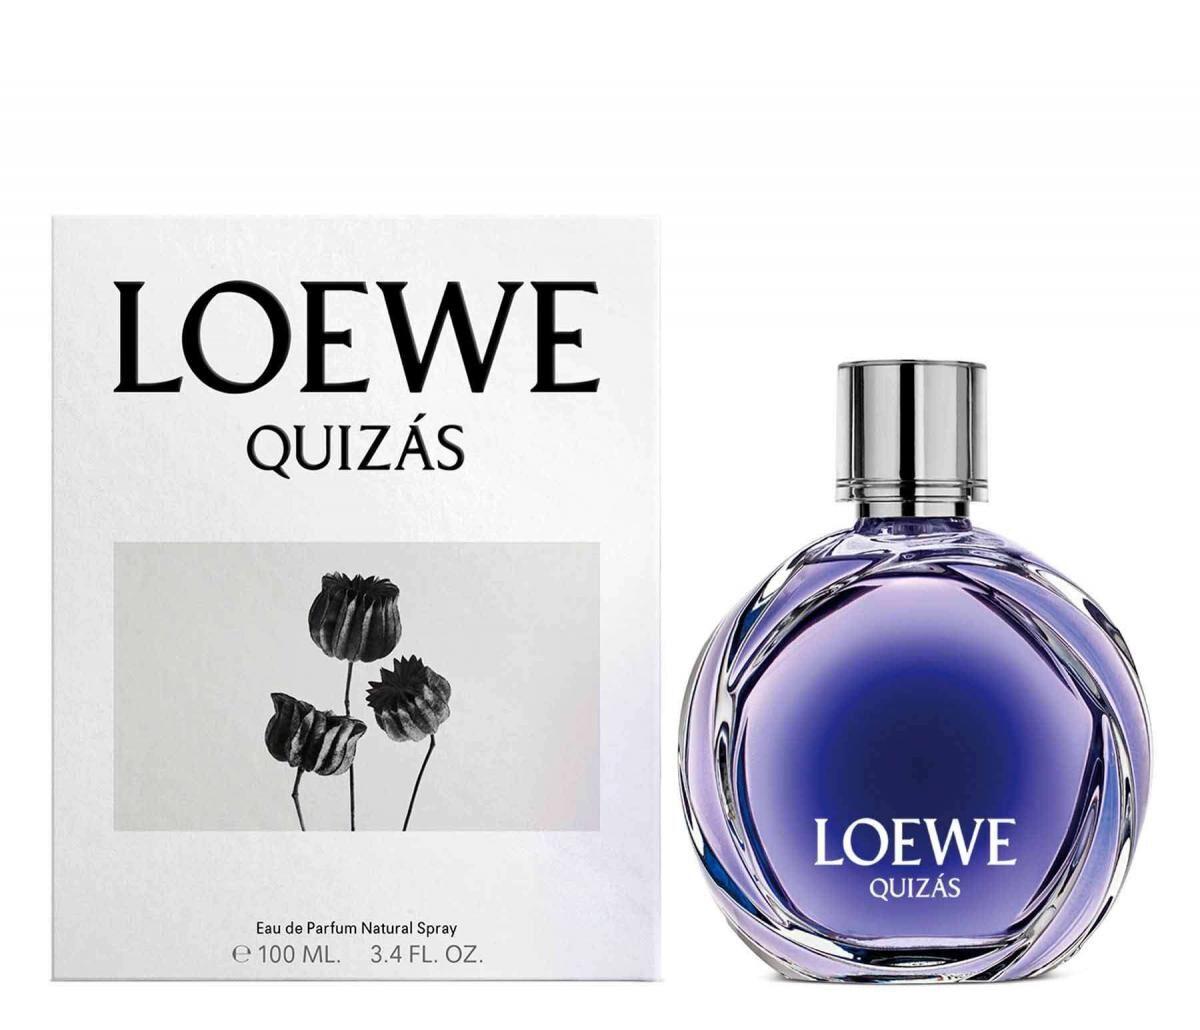 Парфюмерная вода 100 мл Loewe Quizas Eau de Parfum